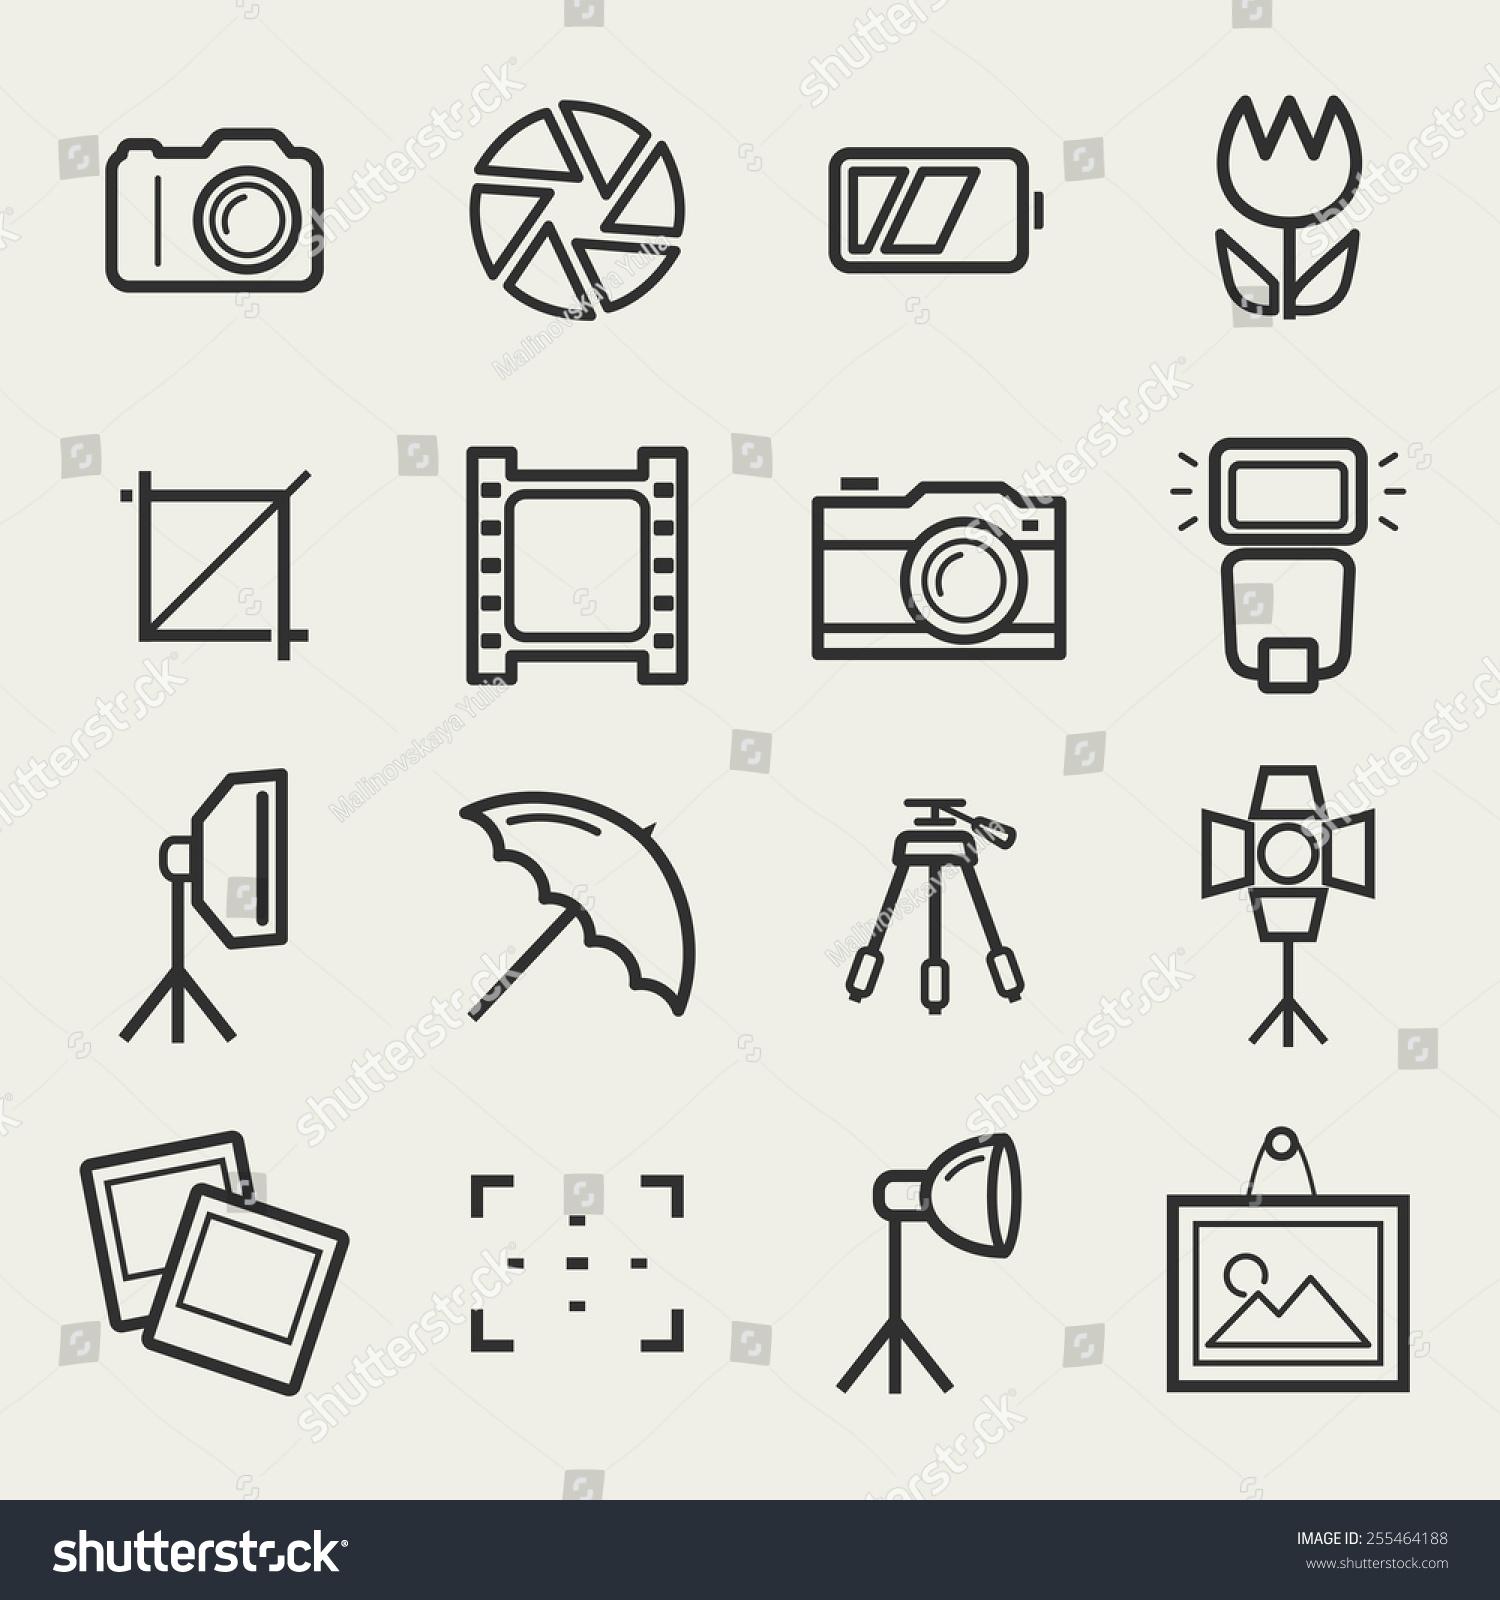 Symbols for a